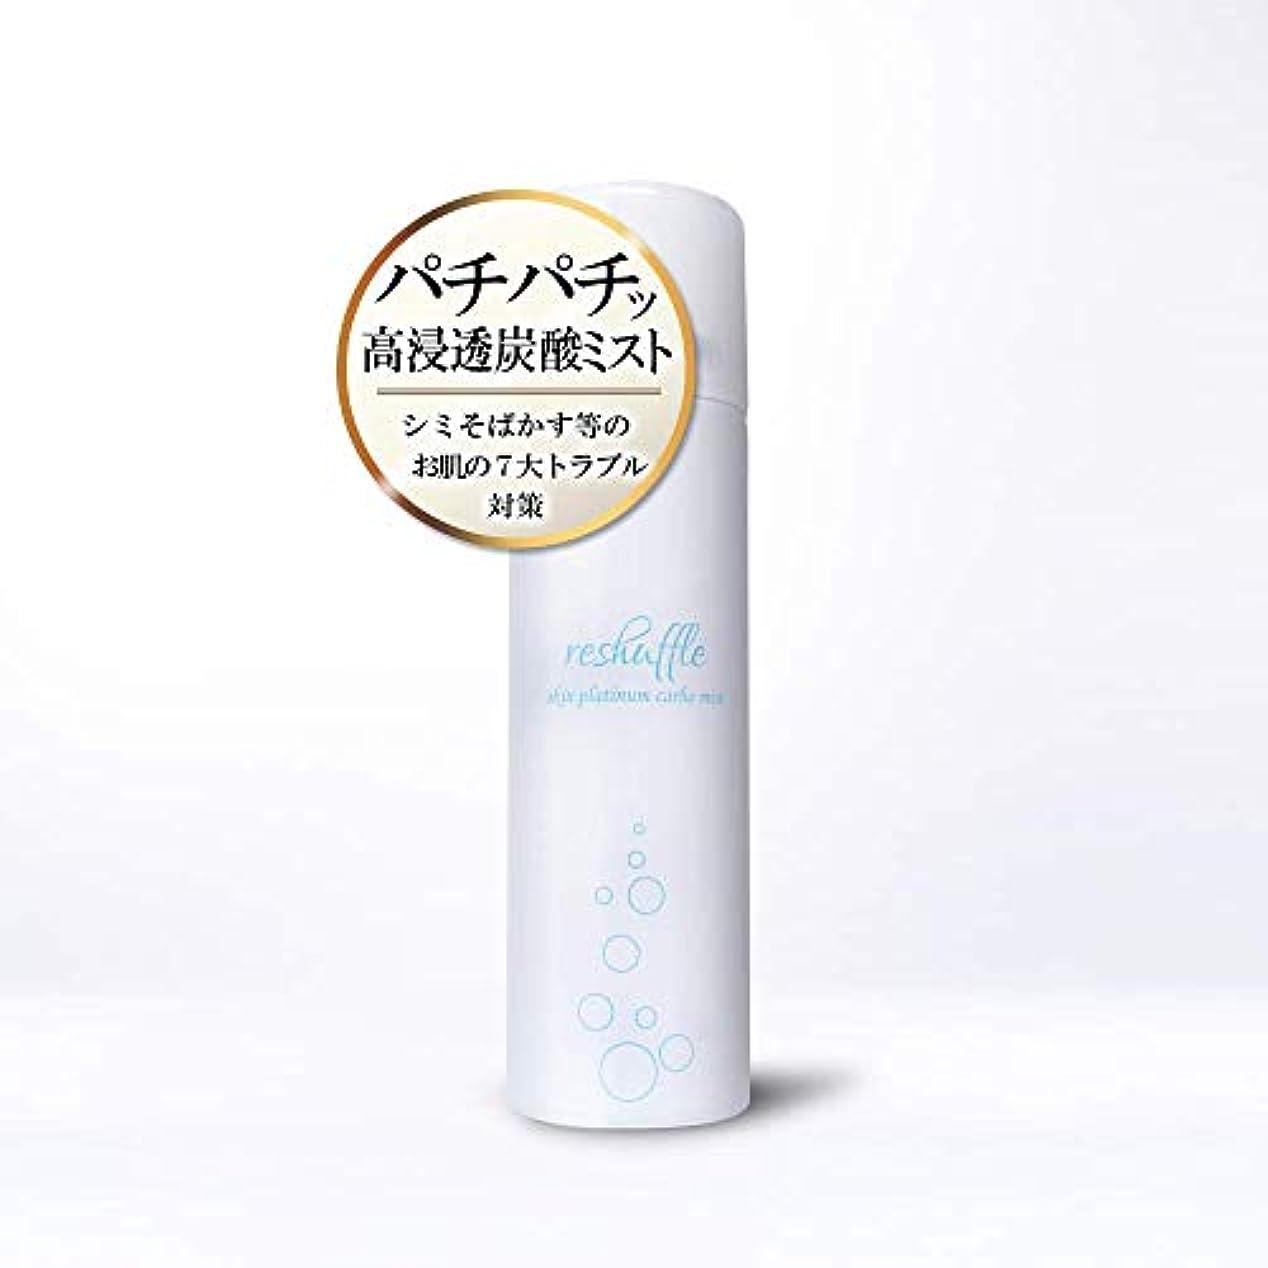 ステップ発動機熟練したニキビ 角質ケア シミ そばかす 対策 炭酸化粧水 リシャッフル/炭酸スプレー美容液 (高濃度 グリチルリチン酸 2K 配合) オールインワンミスト